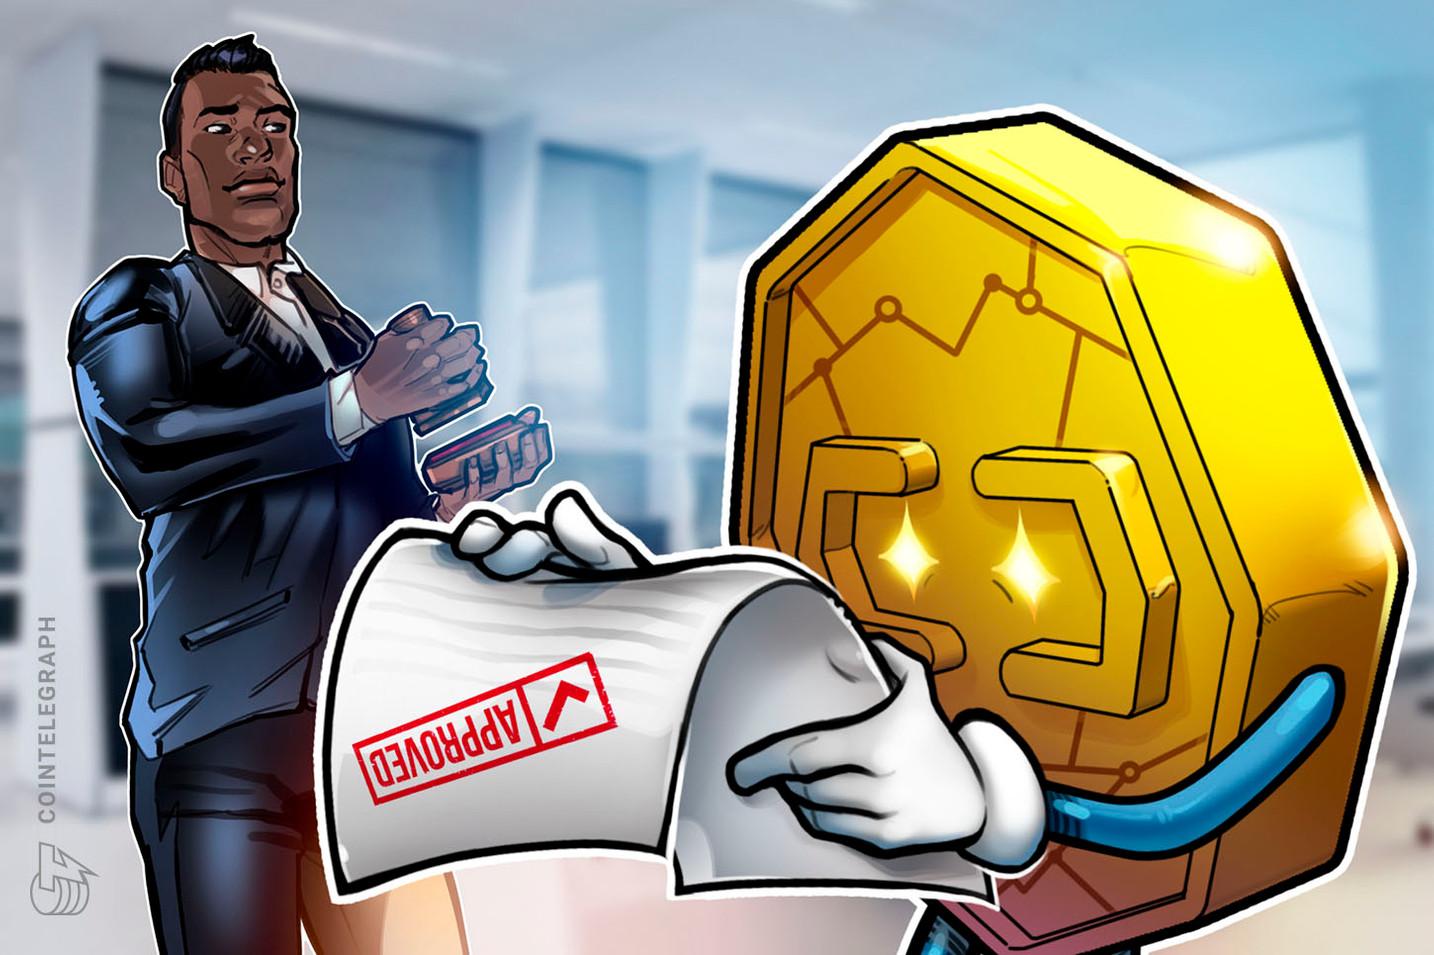 グレイスケールのビットコイン投信、SECの報告会社に 仮想通貨投信では初のケース【ニュース】